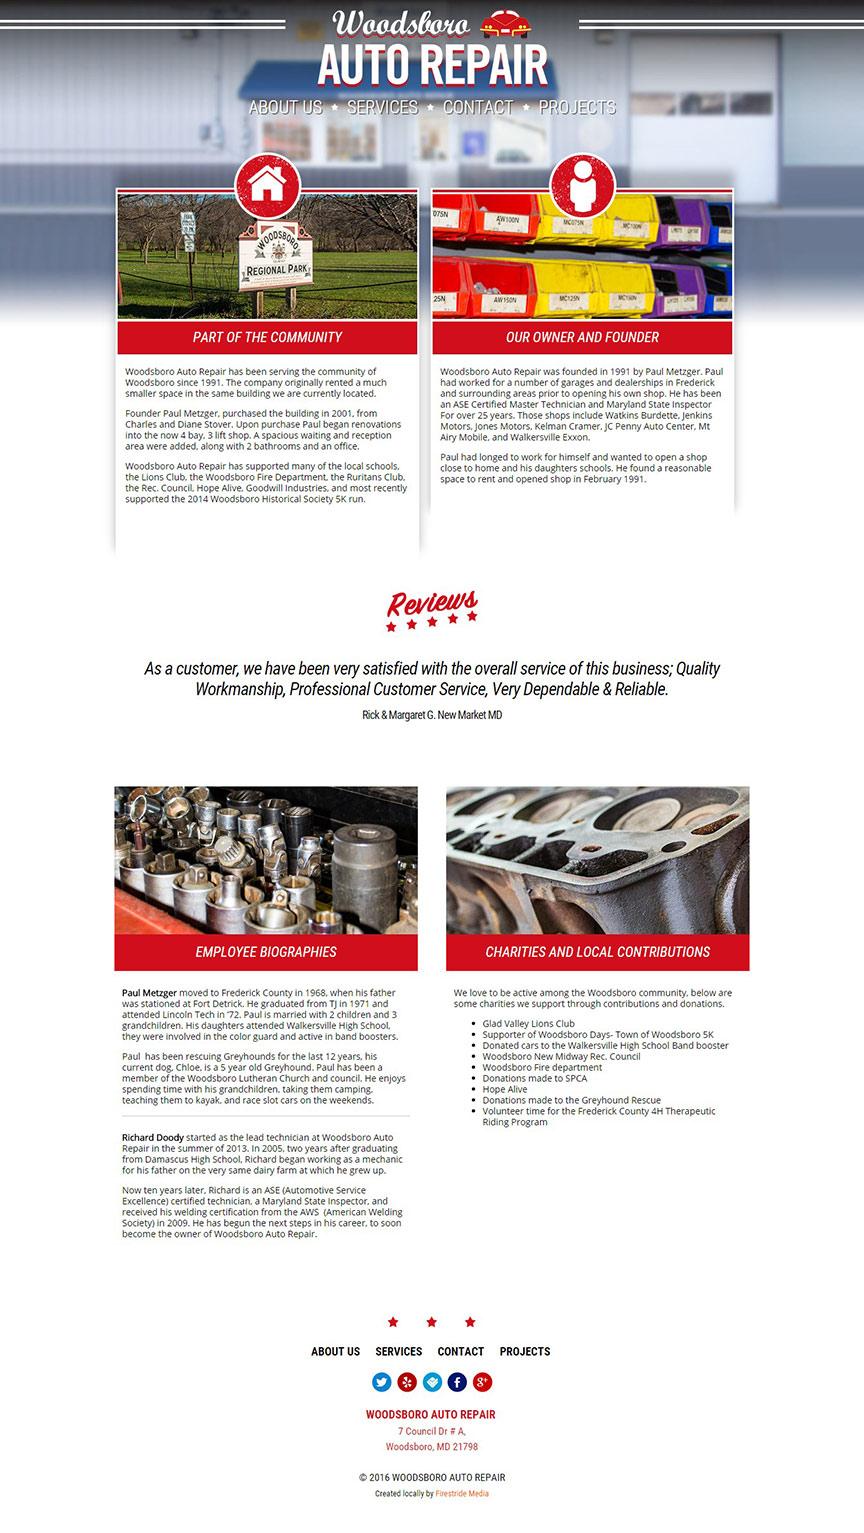 Woodsboro Auto Repair Website - Firestride Media